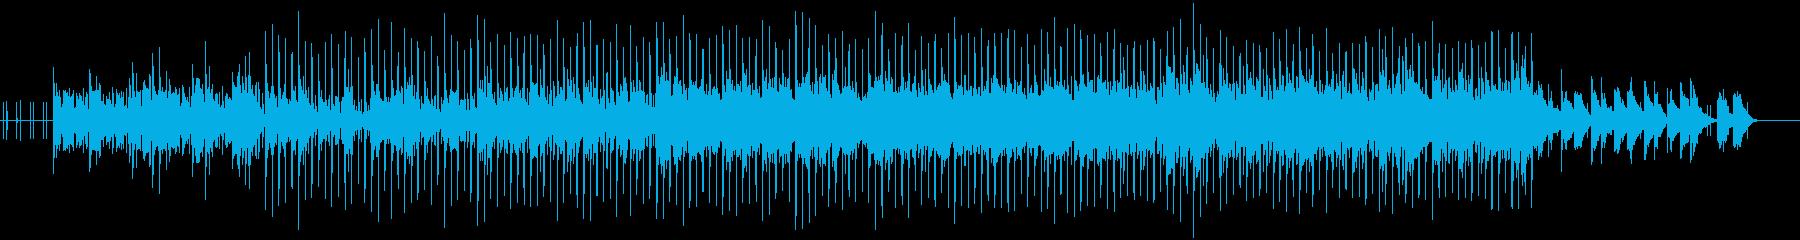 ピアノを使ったオシャレなエレクトロニカの再生済みの波形